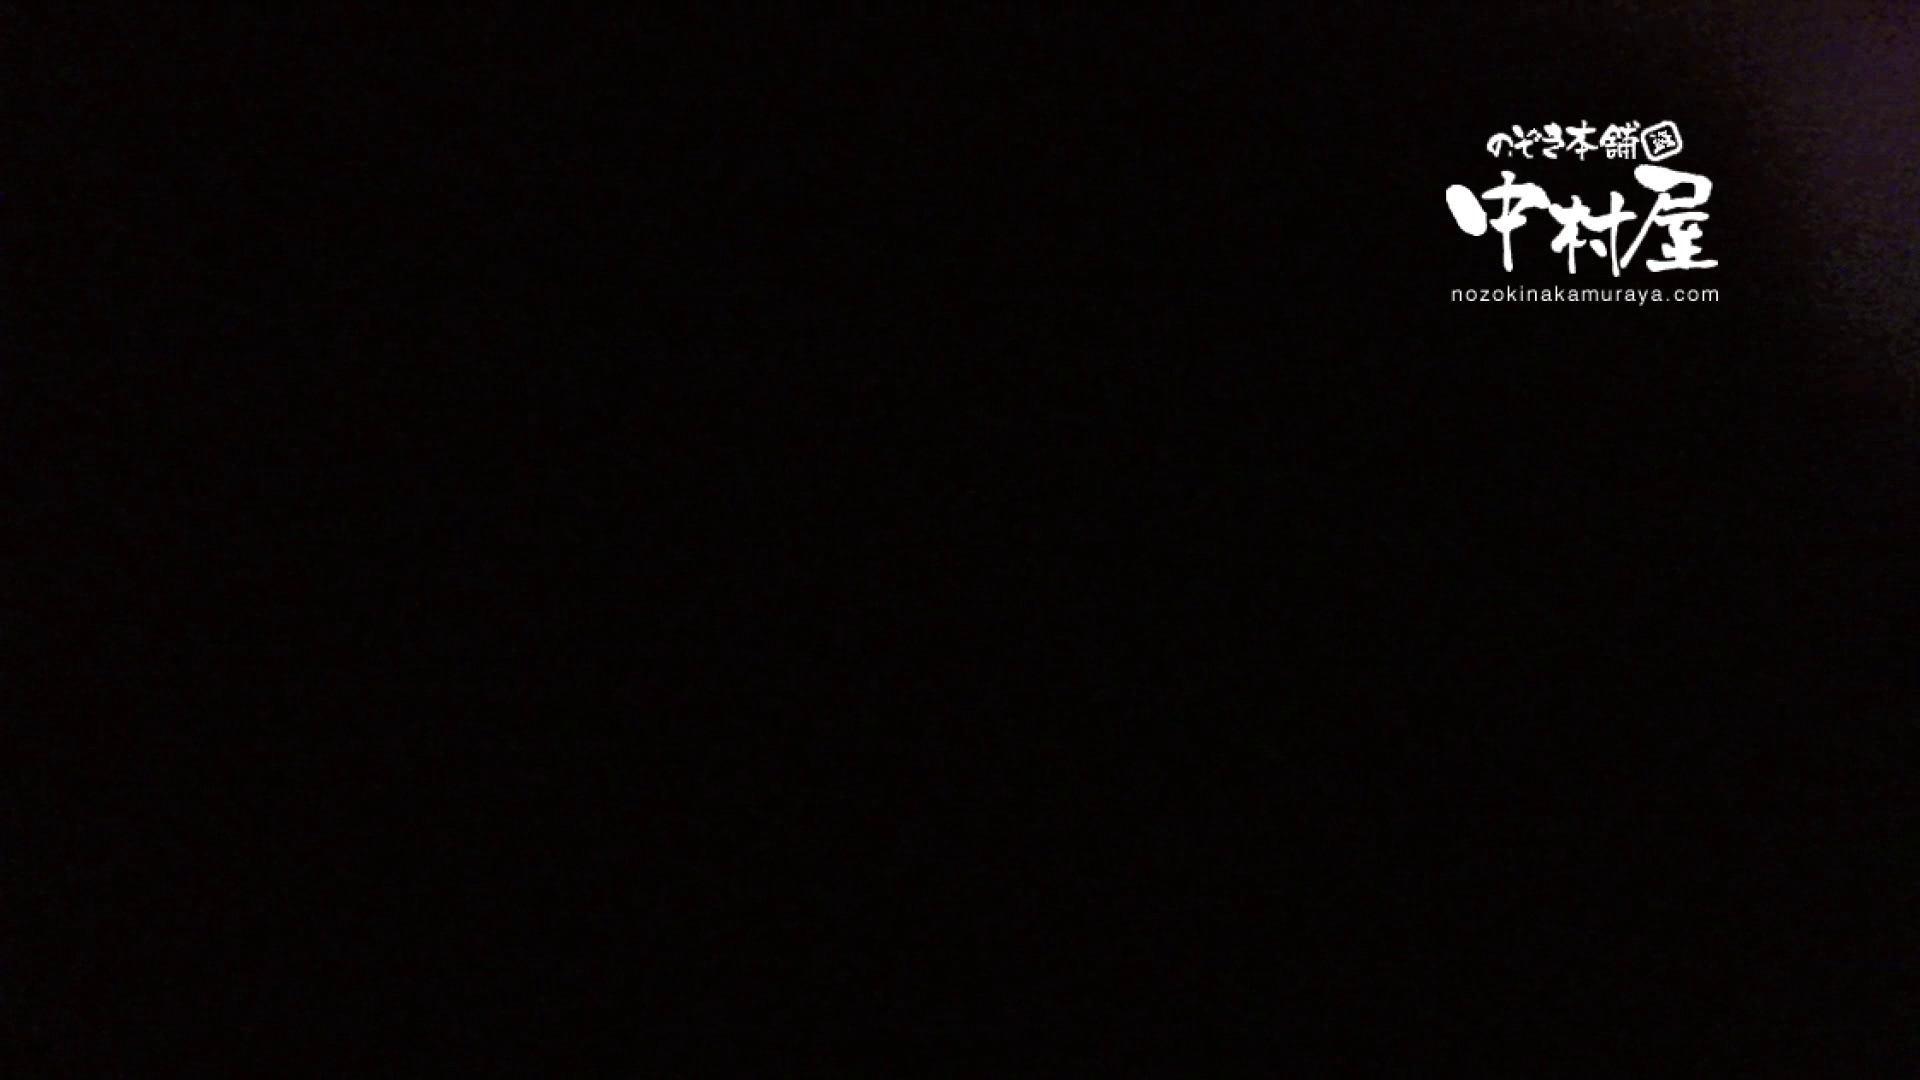 鬼畜 vol.12 剥ぎ取ったら色白でゴウモウだった 後編 OLすけべ画像 | 鬼畜  35連発 33